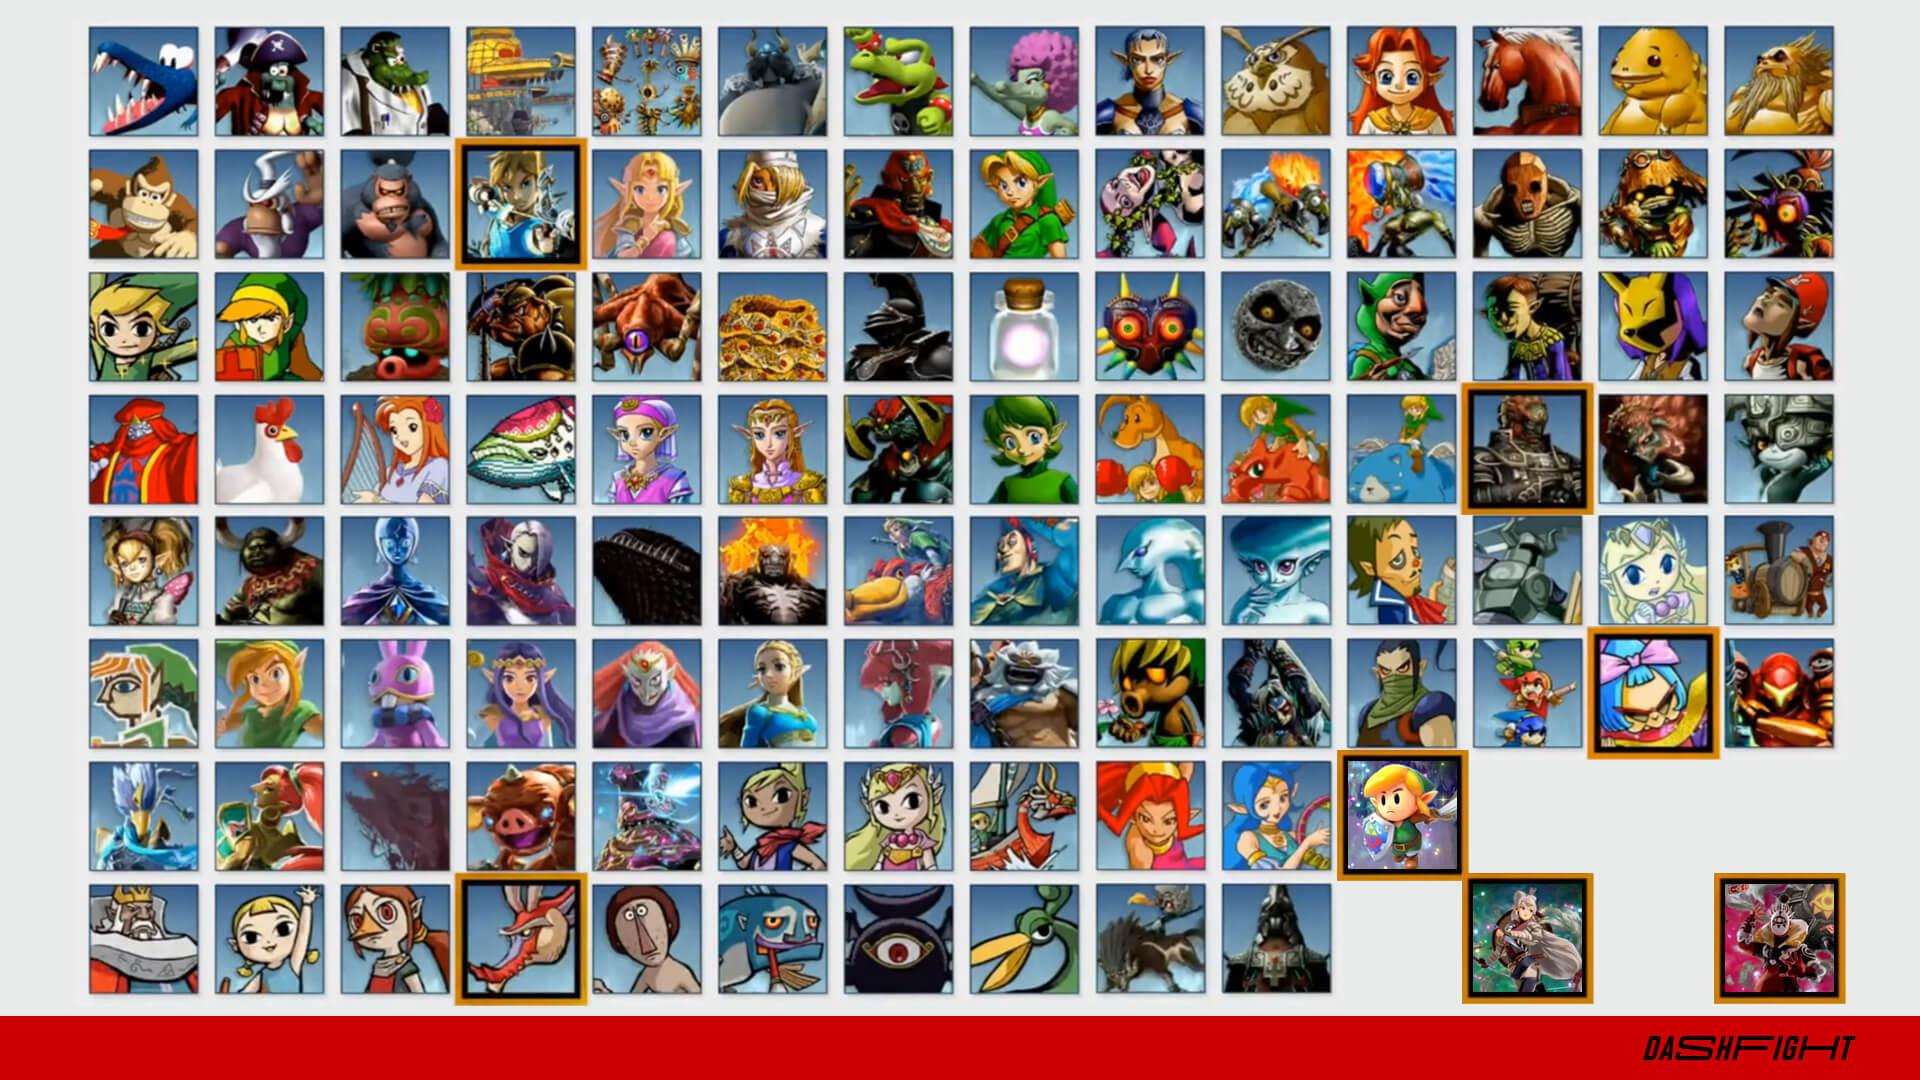 Smash Ultimate spirits from Zelda games